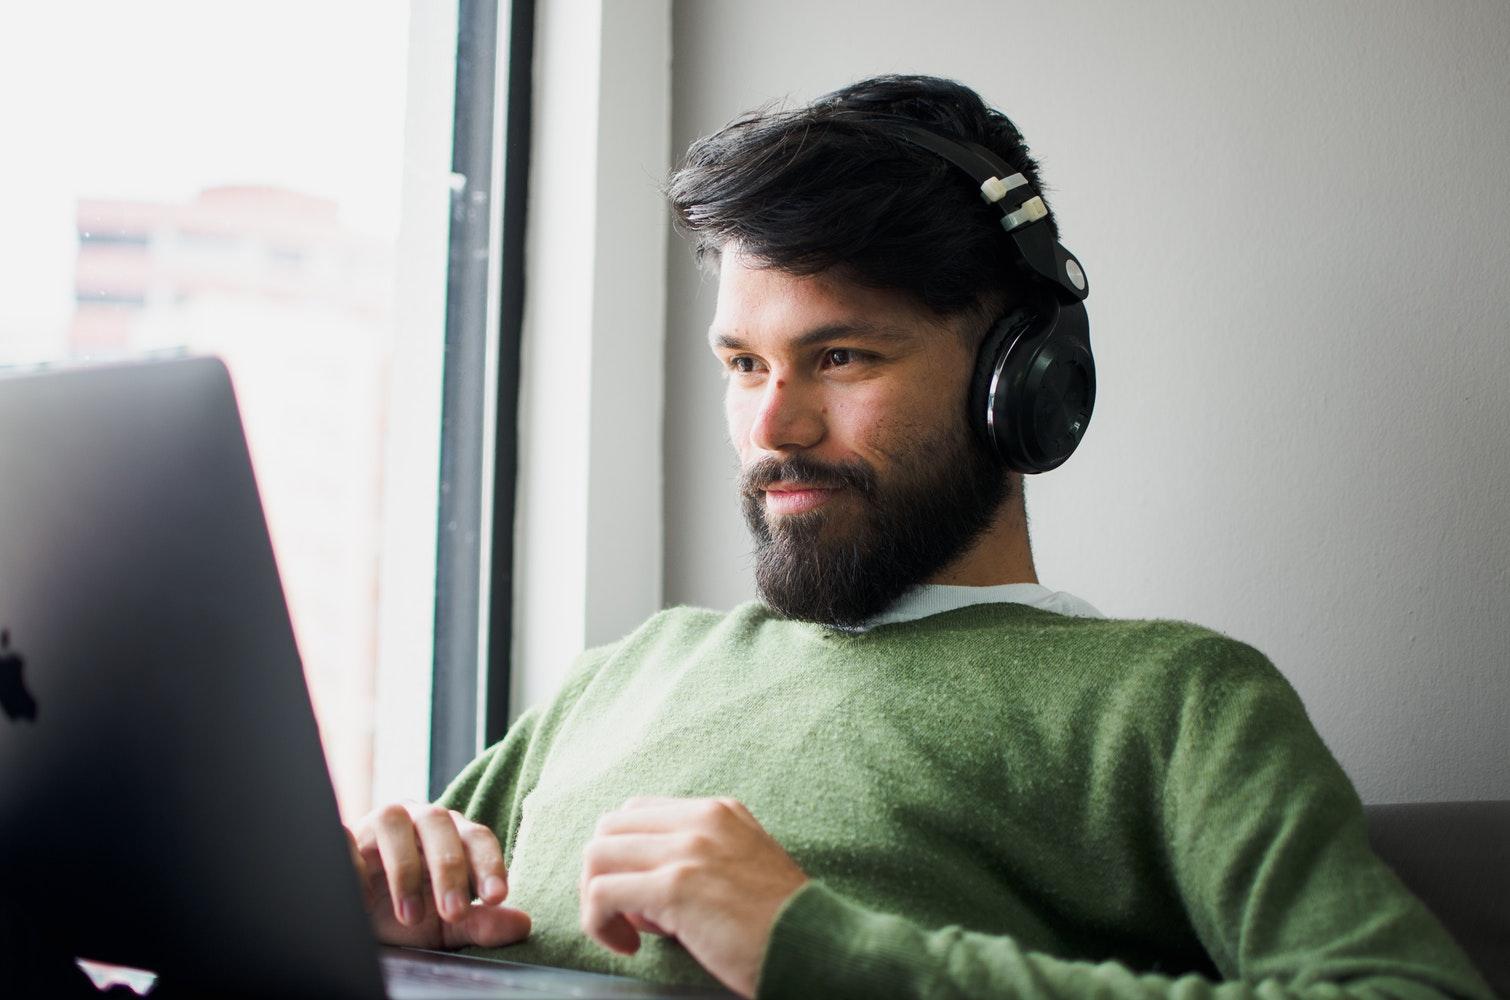 Los audiolibros ofrecen una experiencia que se adapta al acelerado ritmo de vida actual. (Foto Prensa Libre: Servicios)